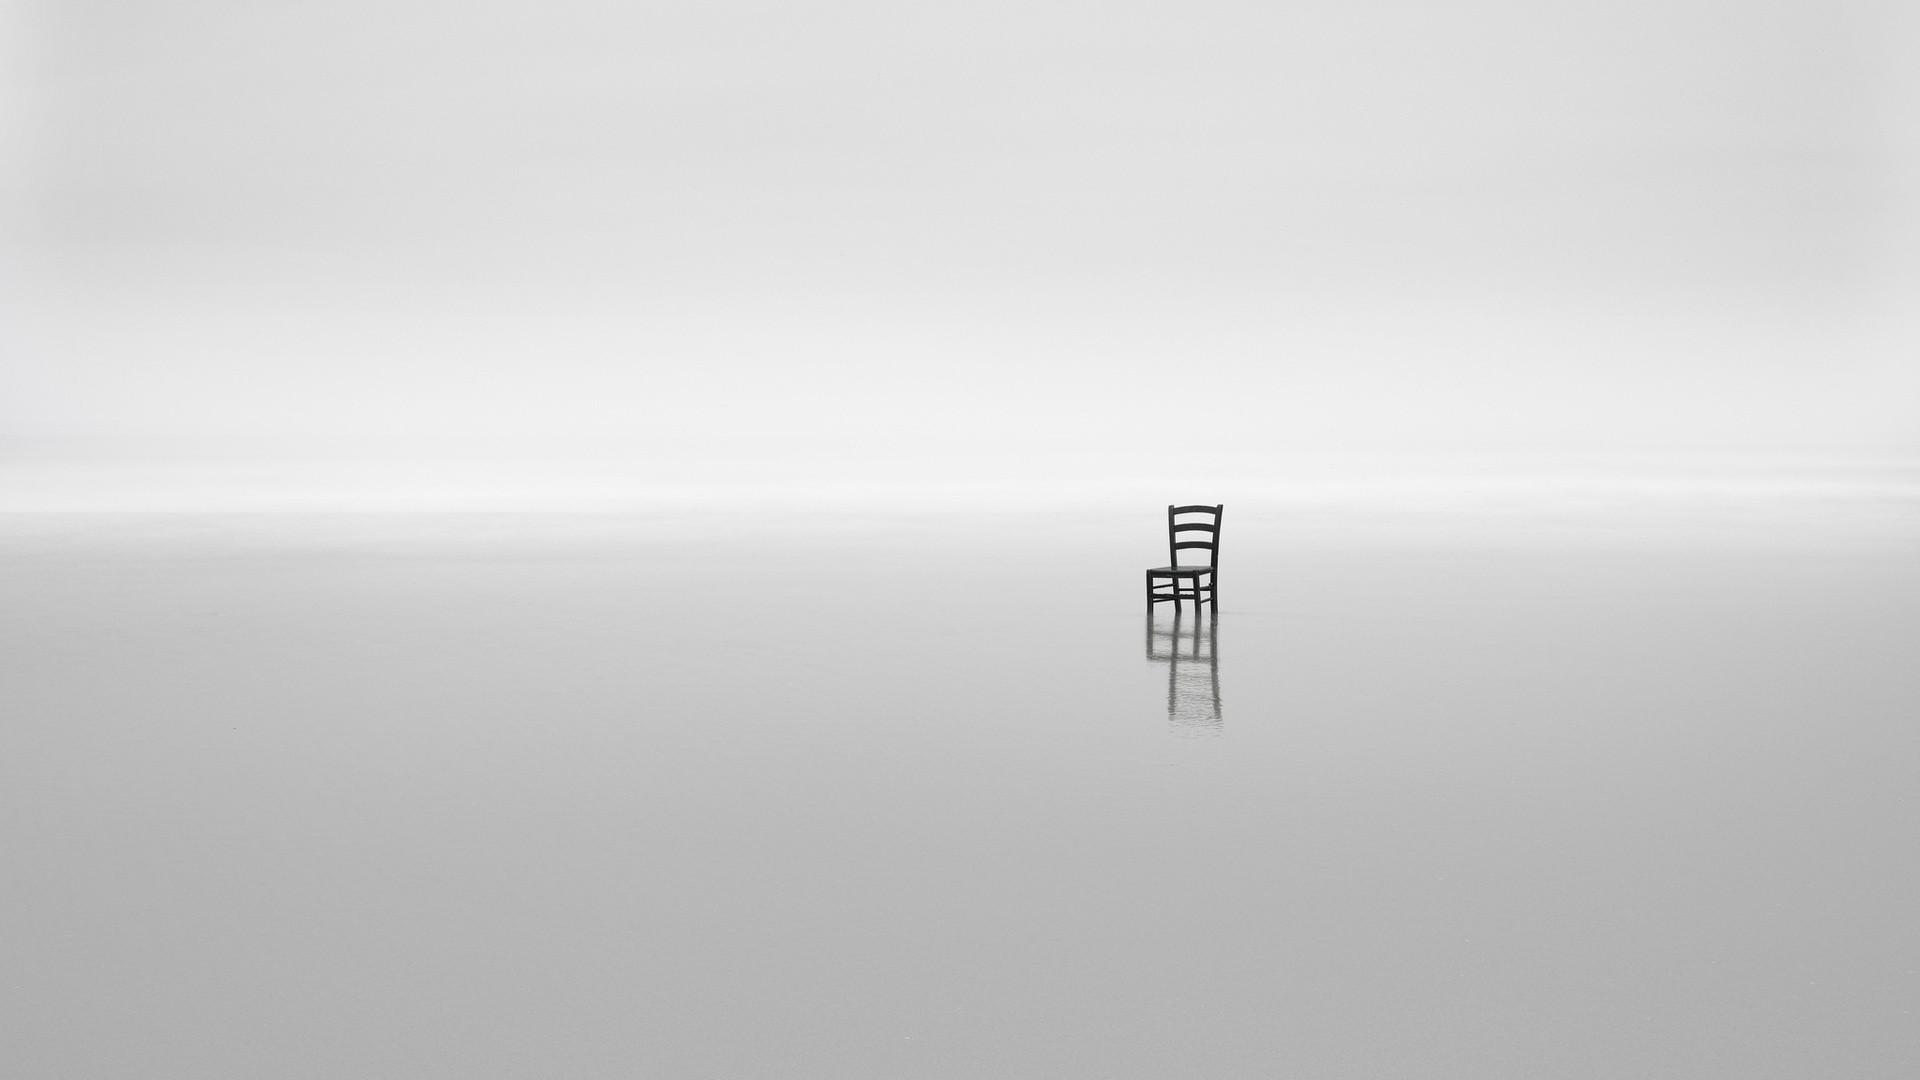 White Minimalist Picture